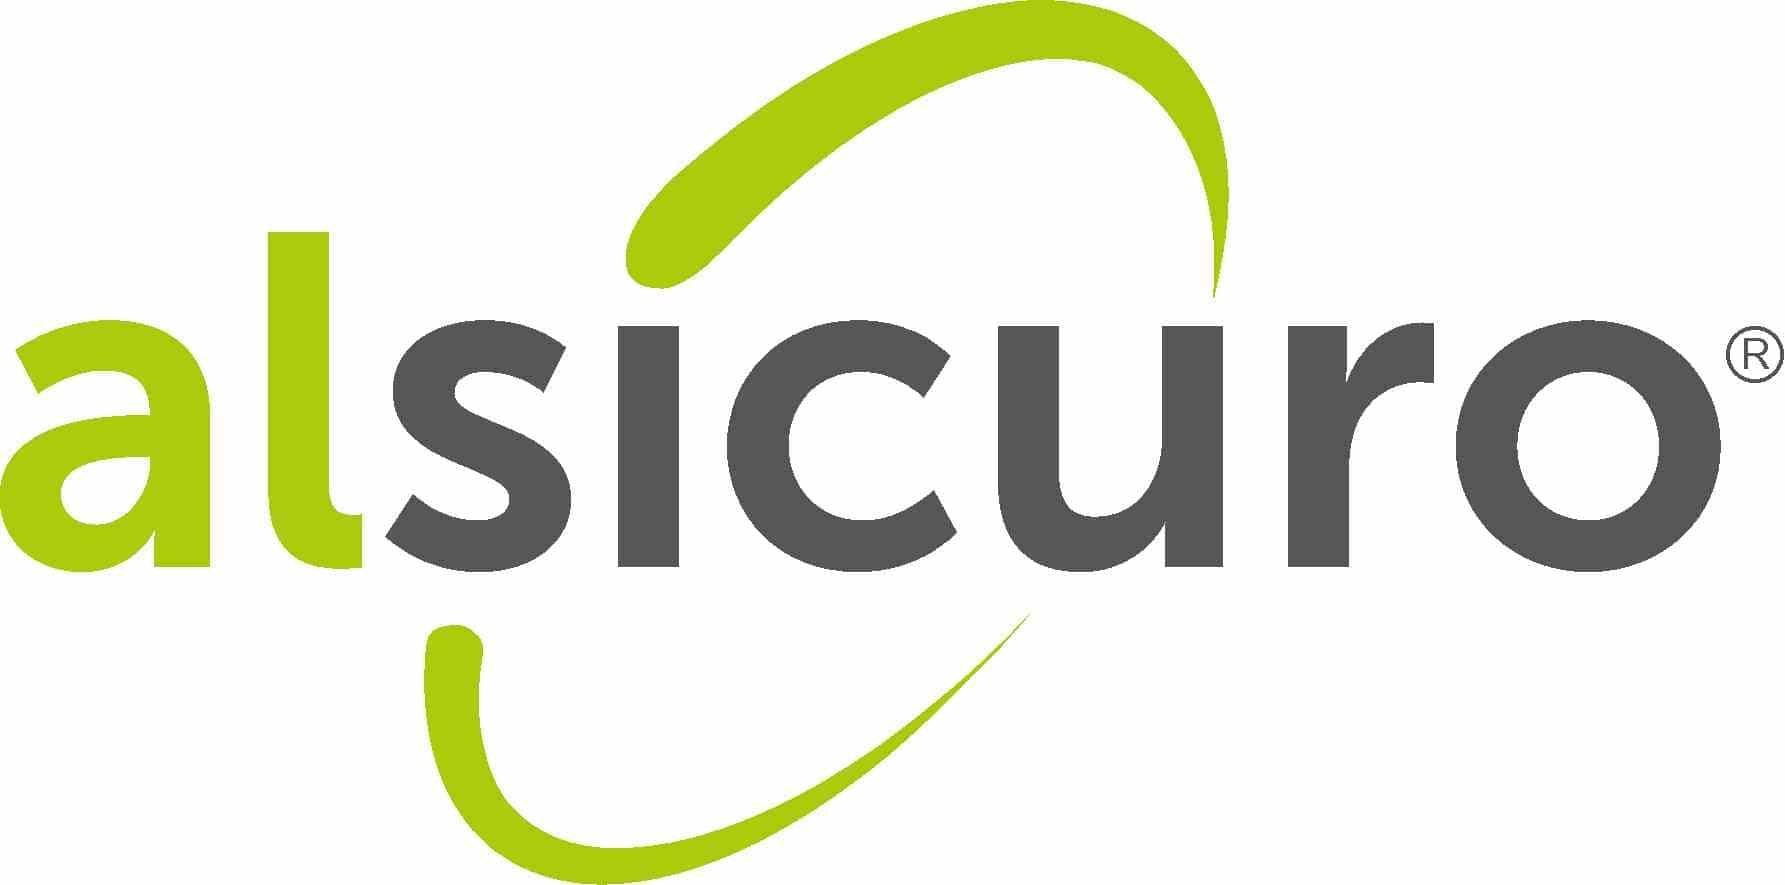 ALSICURO - SICUREZZA SU MISURA